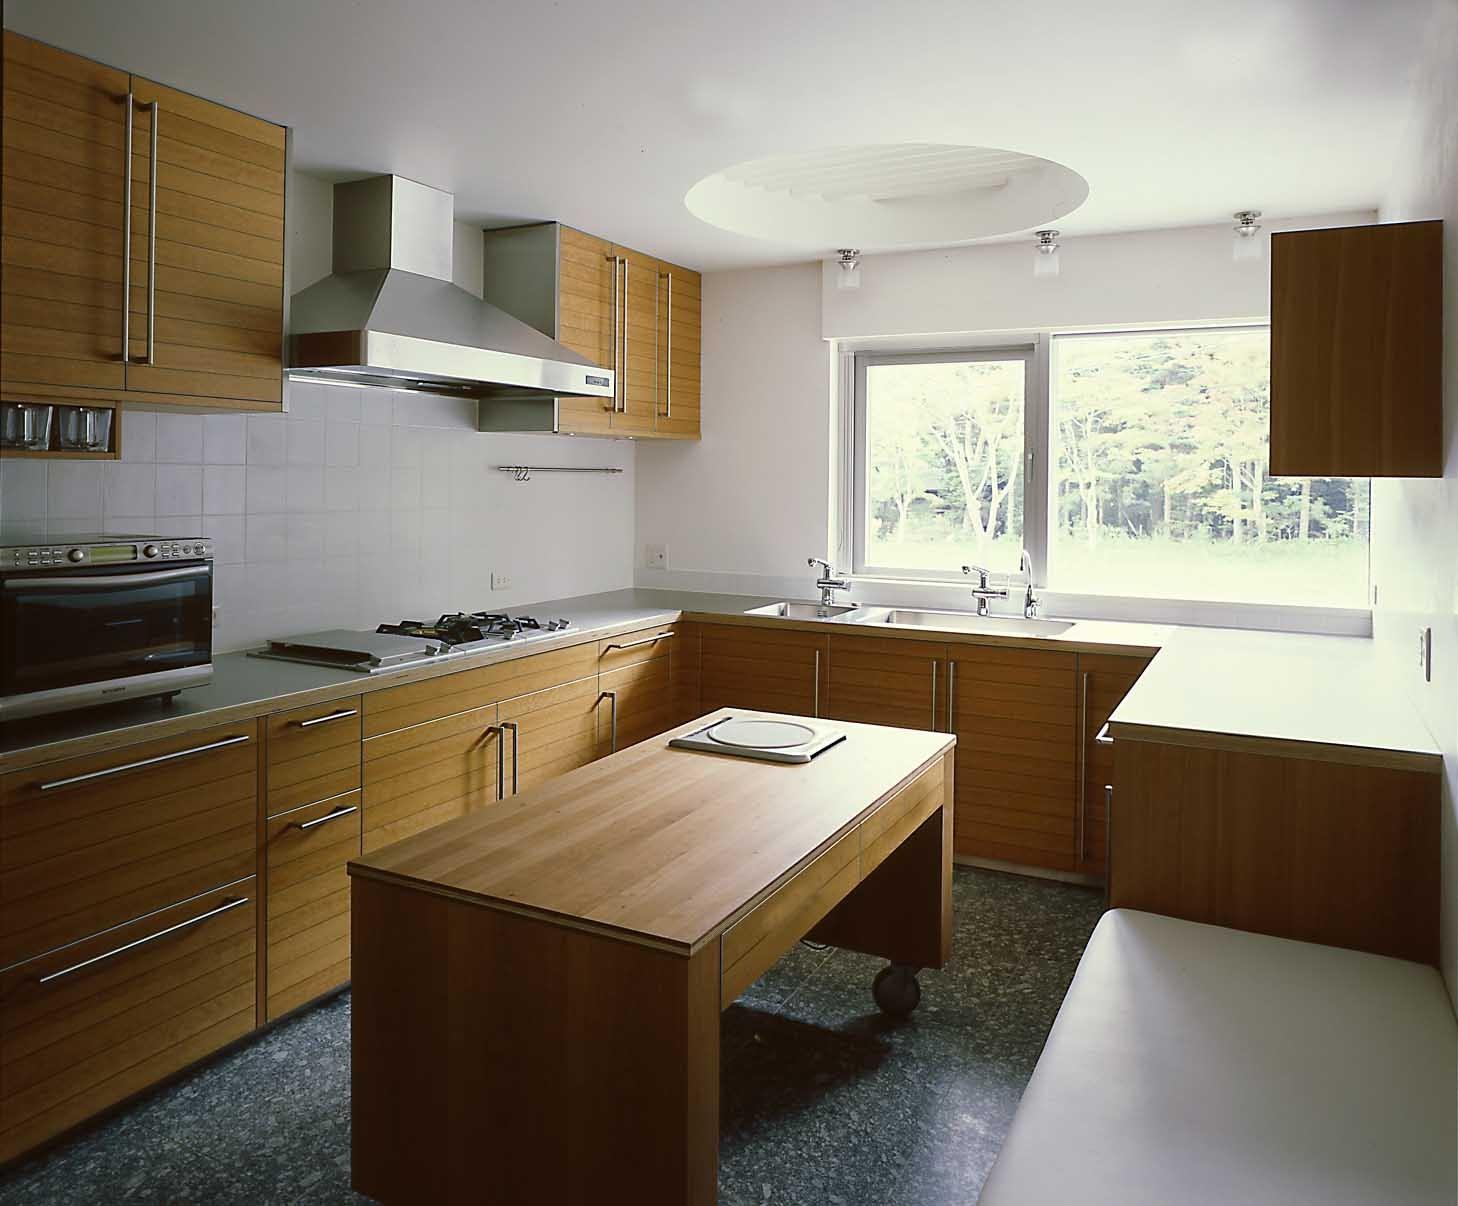 キッチン事例:キッチン(中軽井沢、地窓から裏手の広大な森が目に入る緑に囲まれた住まい)